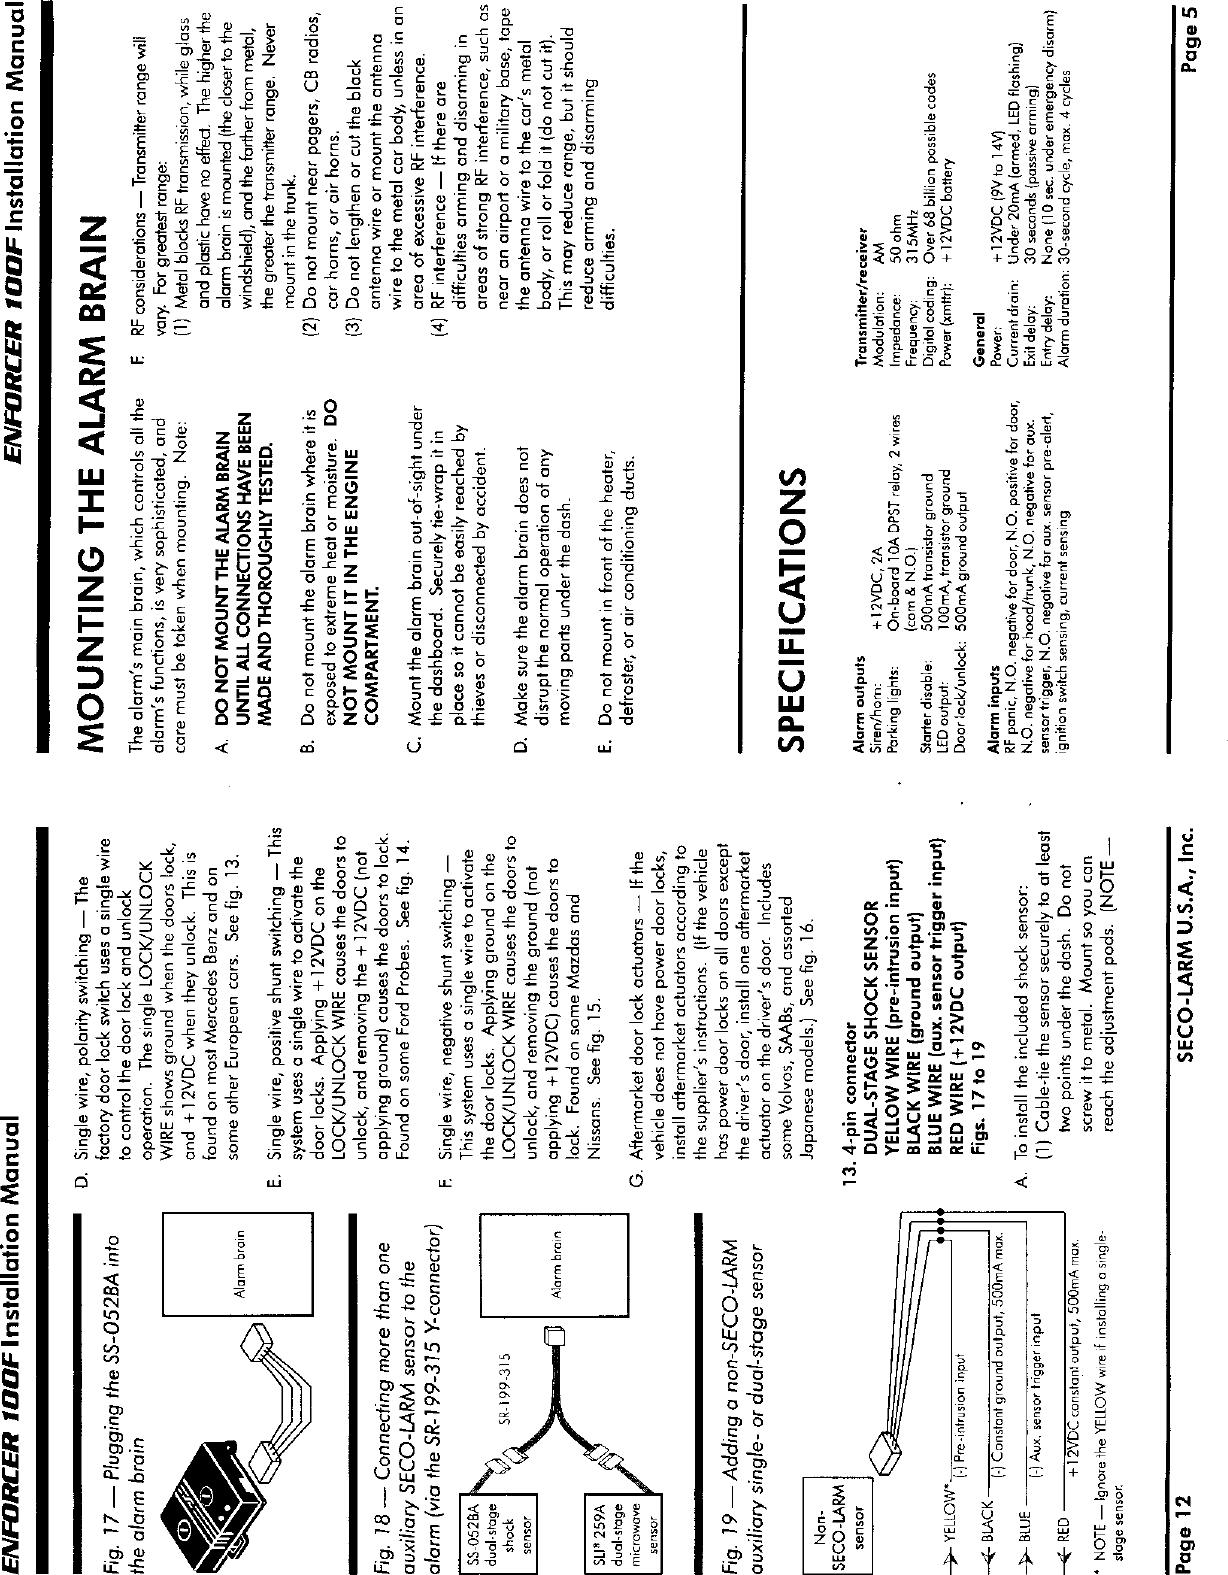 Shock Sensor Wiring 4 Pin - Circuit Connection Diagram •